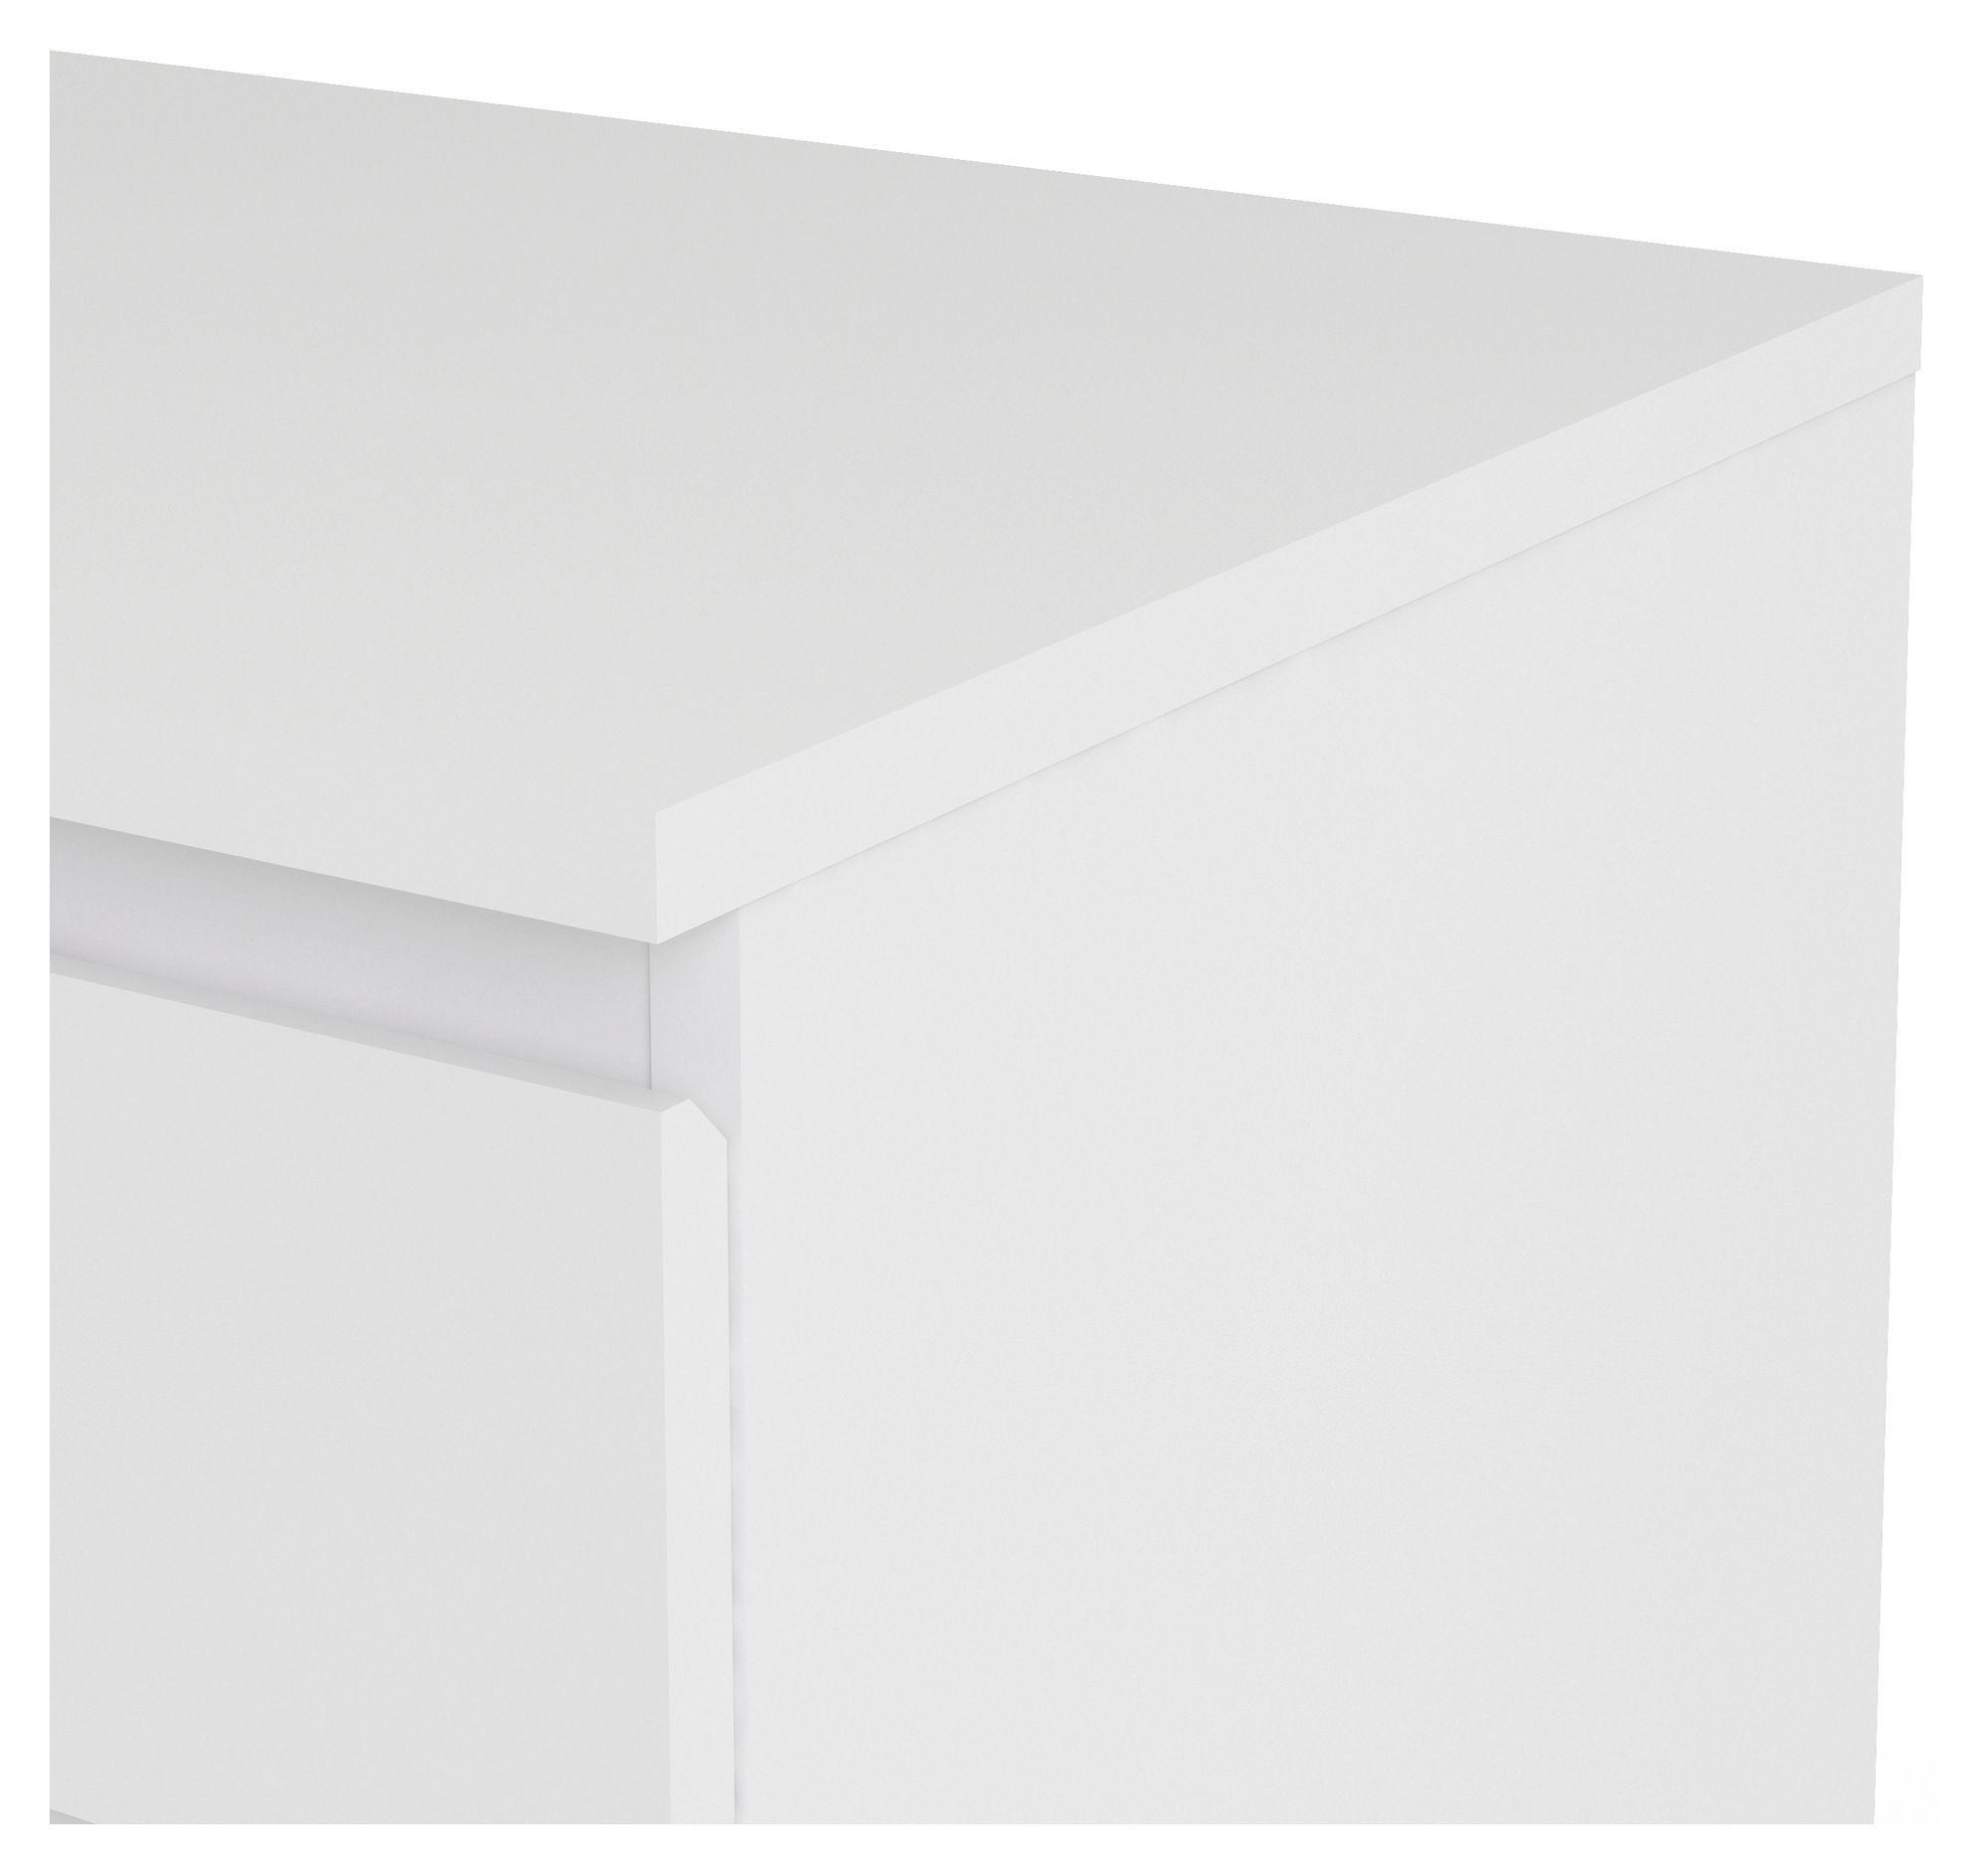 Nova Kommode - Hvid - Hvid kommode m. 5 skuffer